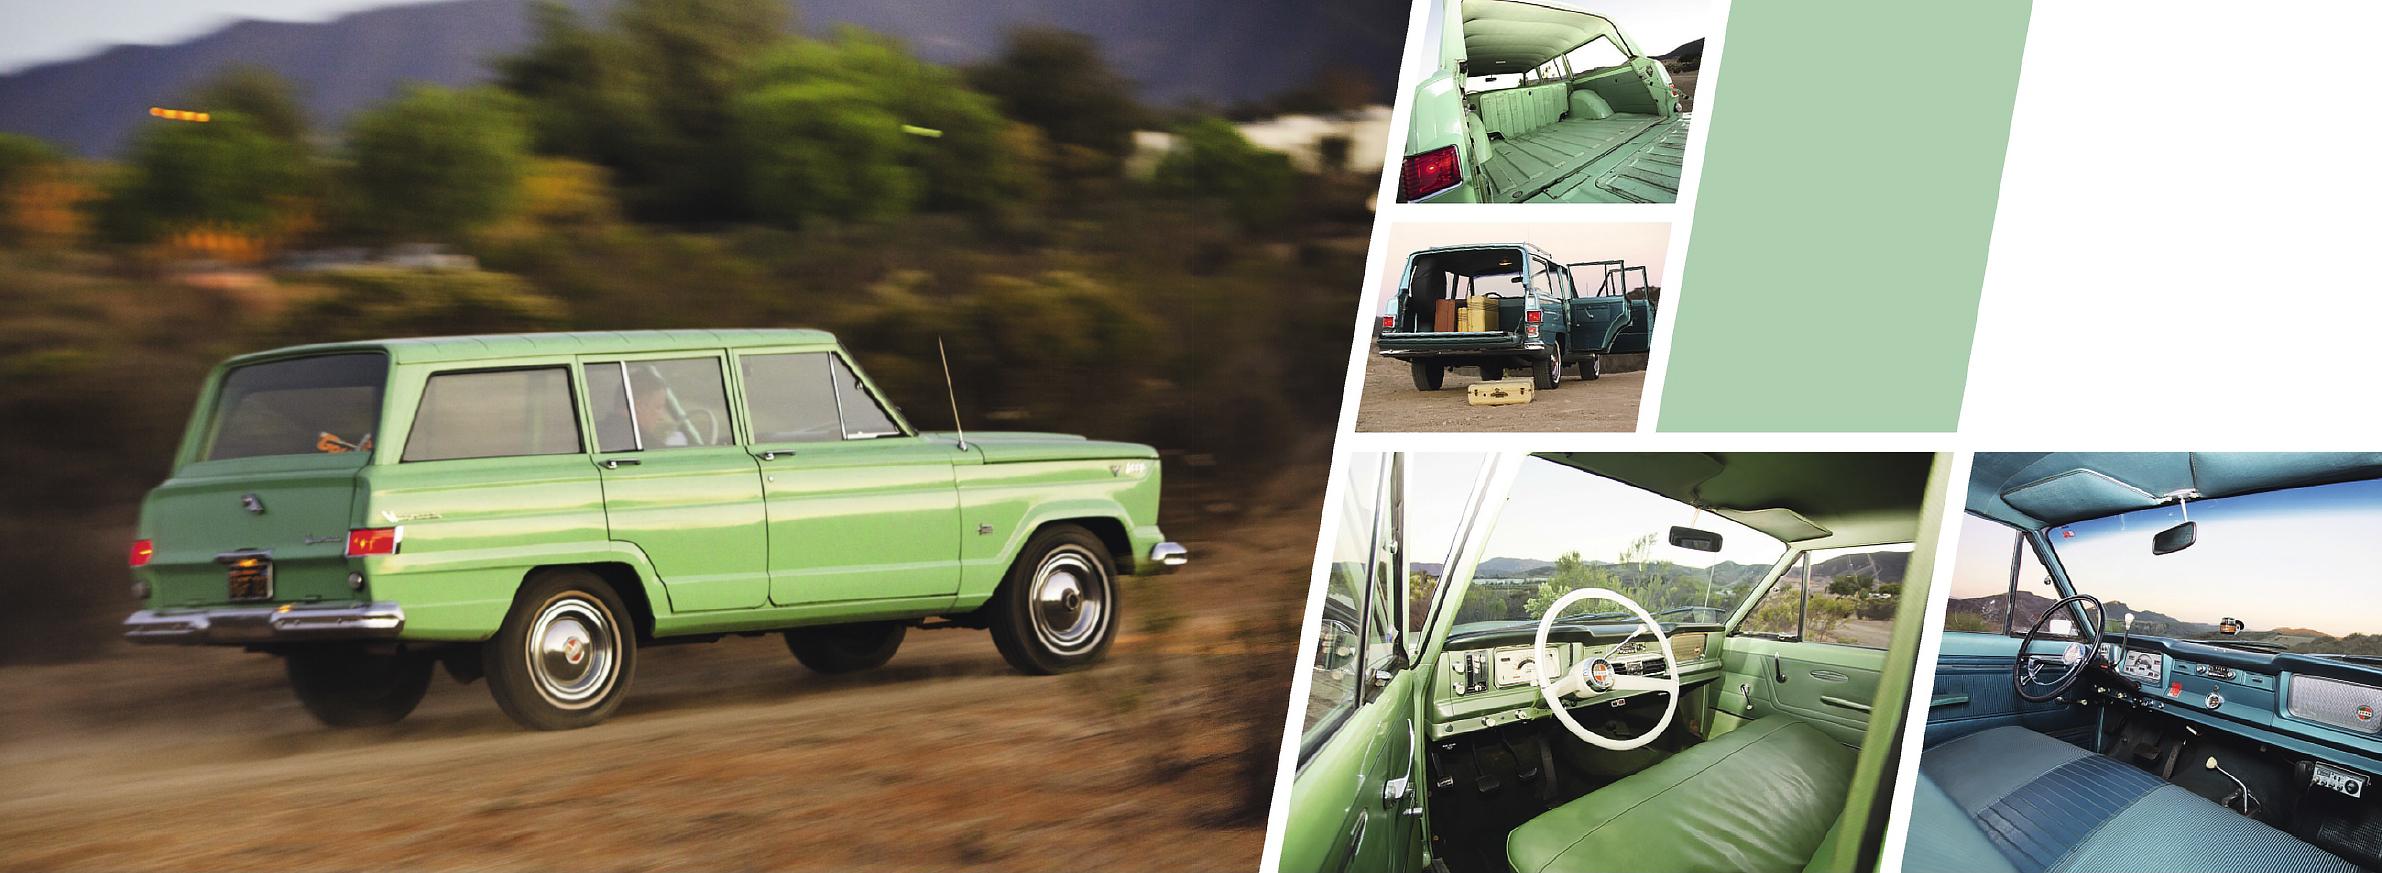 America's off-road pioneer - Jeep Wagoneer